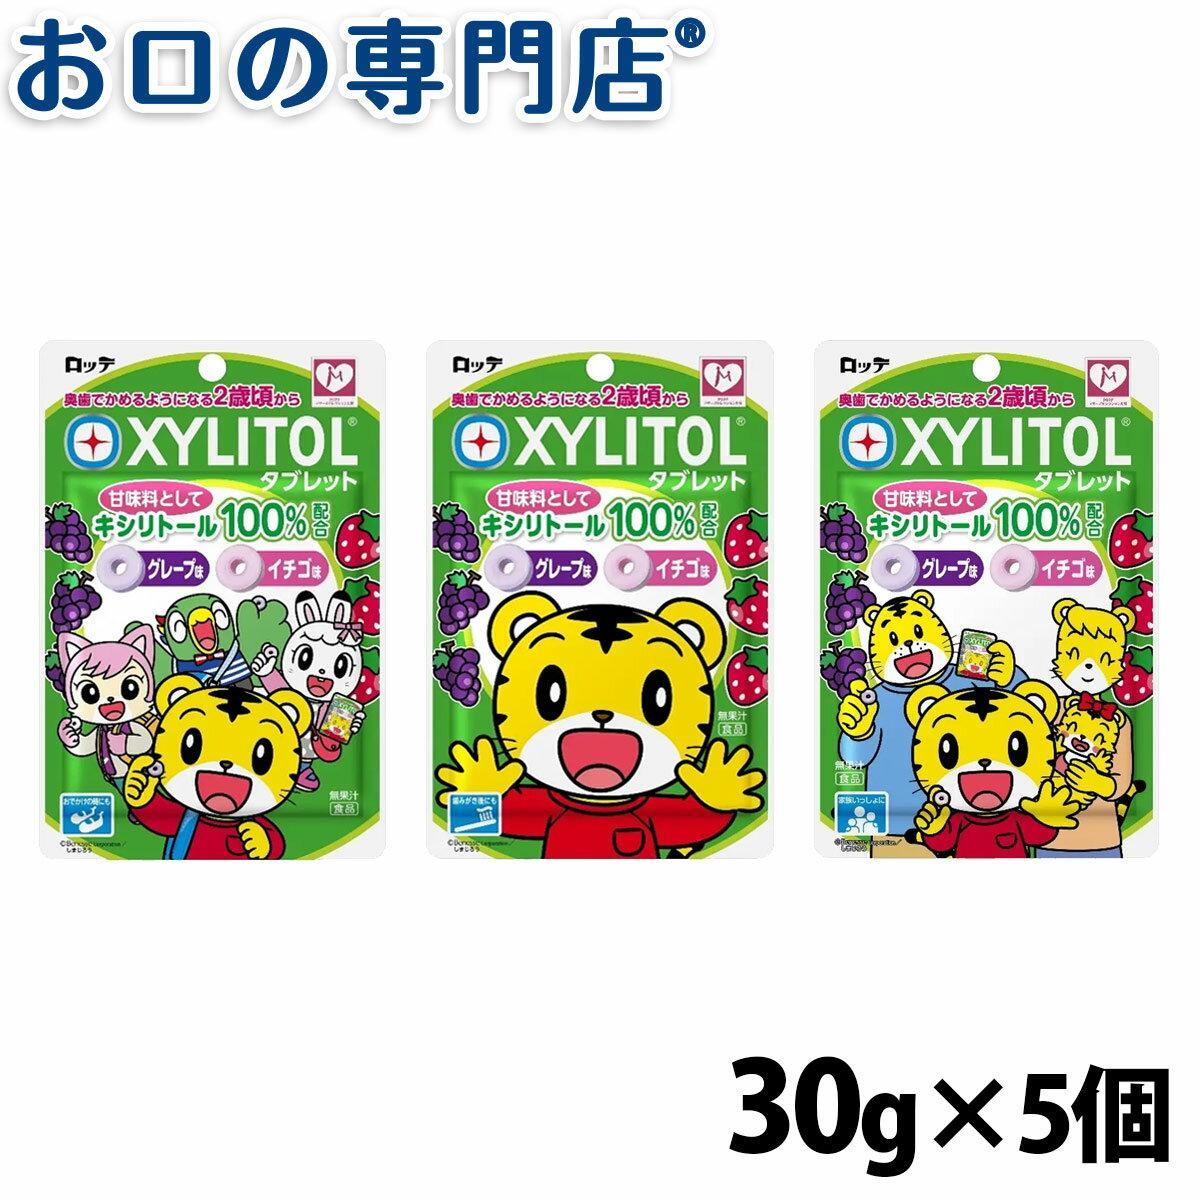 オーラルケア しまじろう キシリトールタブレット(グレープ・イチゴ)30g × 5袋 【ゆうパケット(メール便)OK】